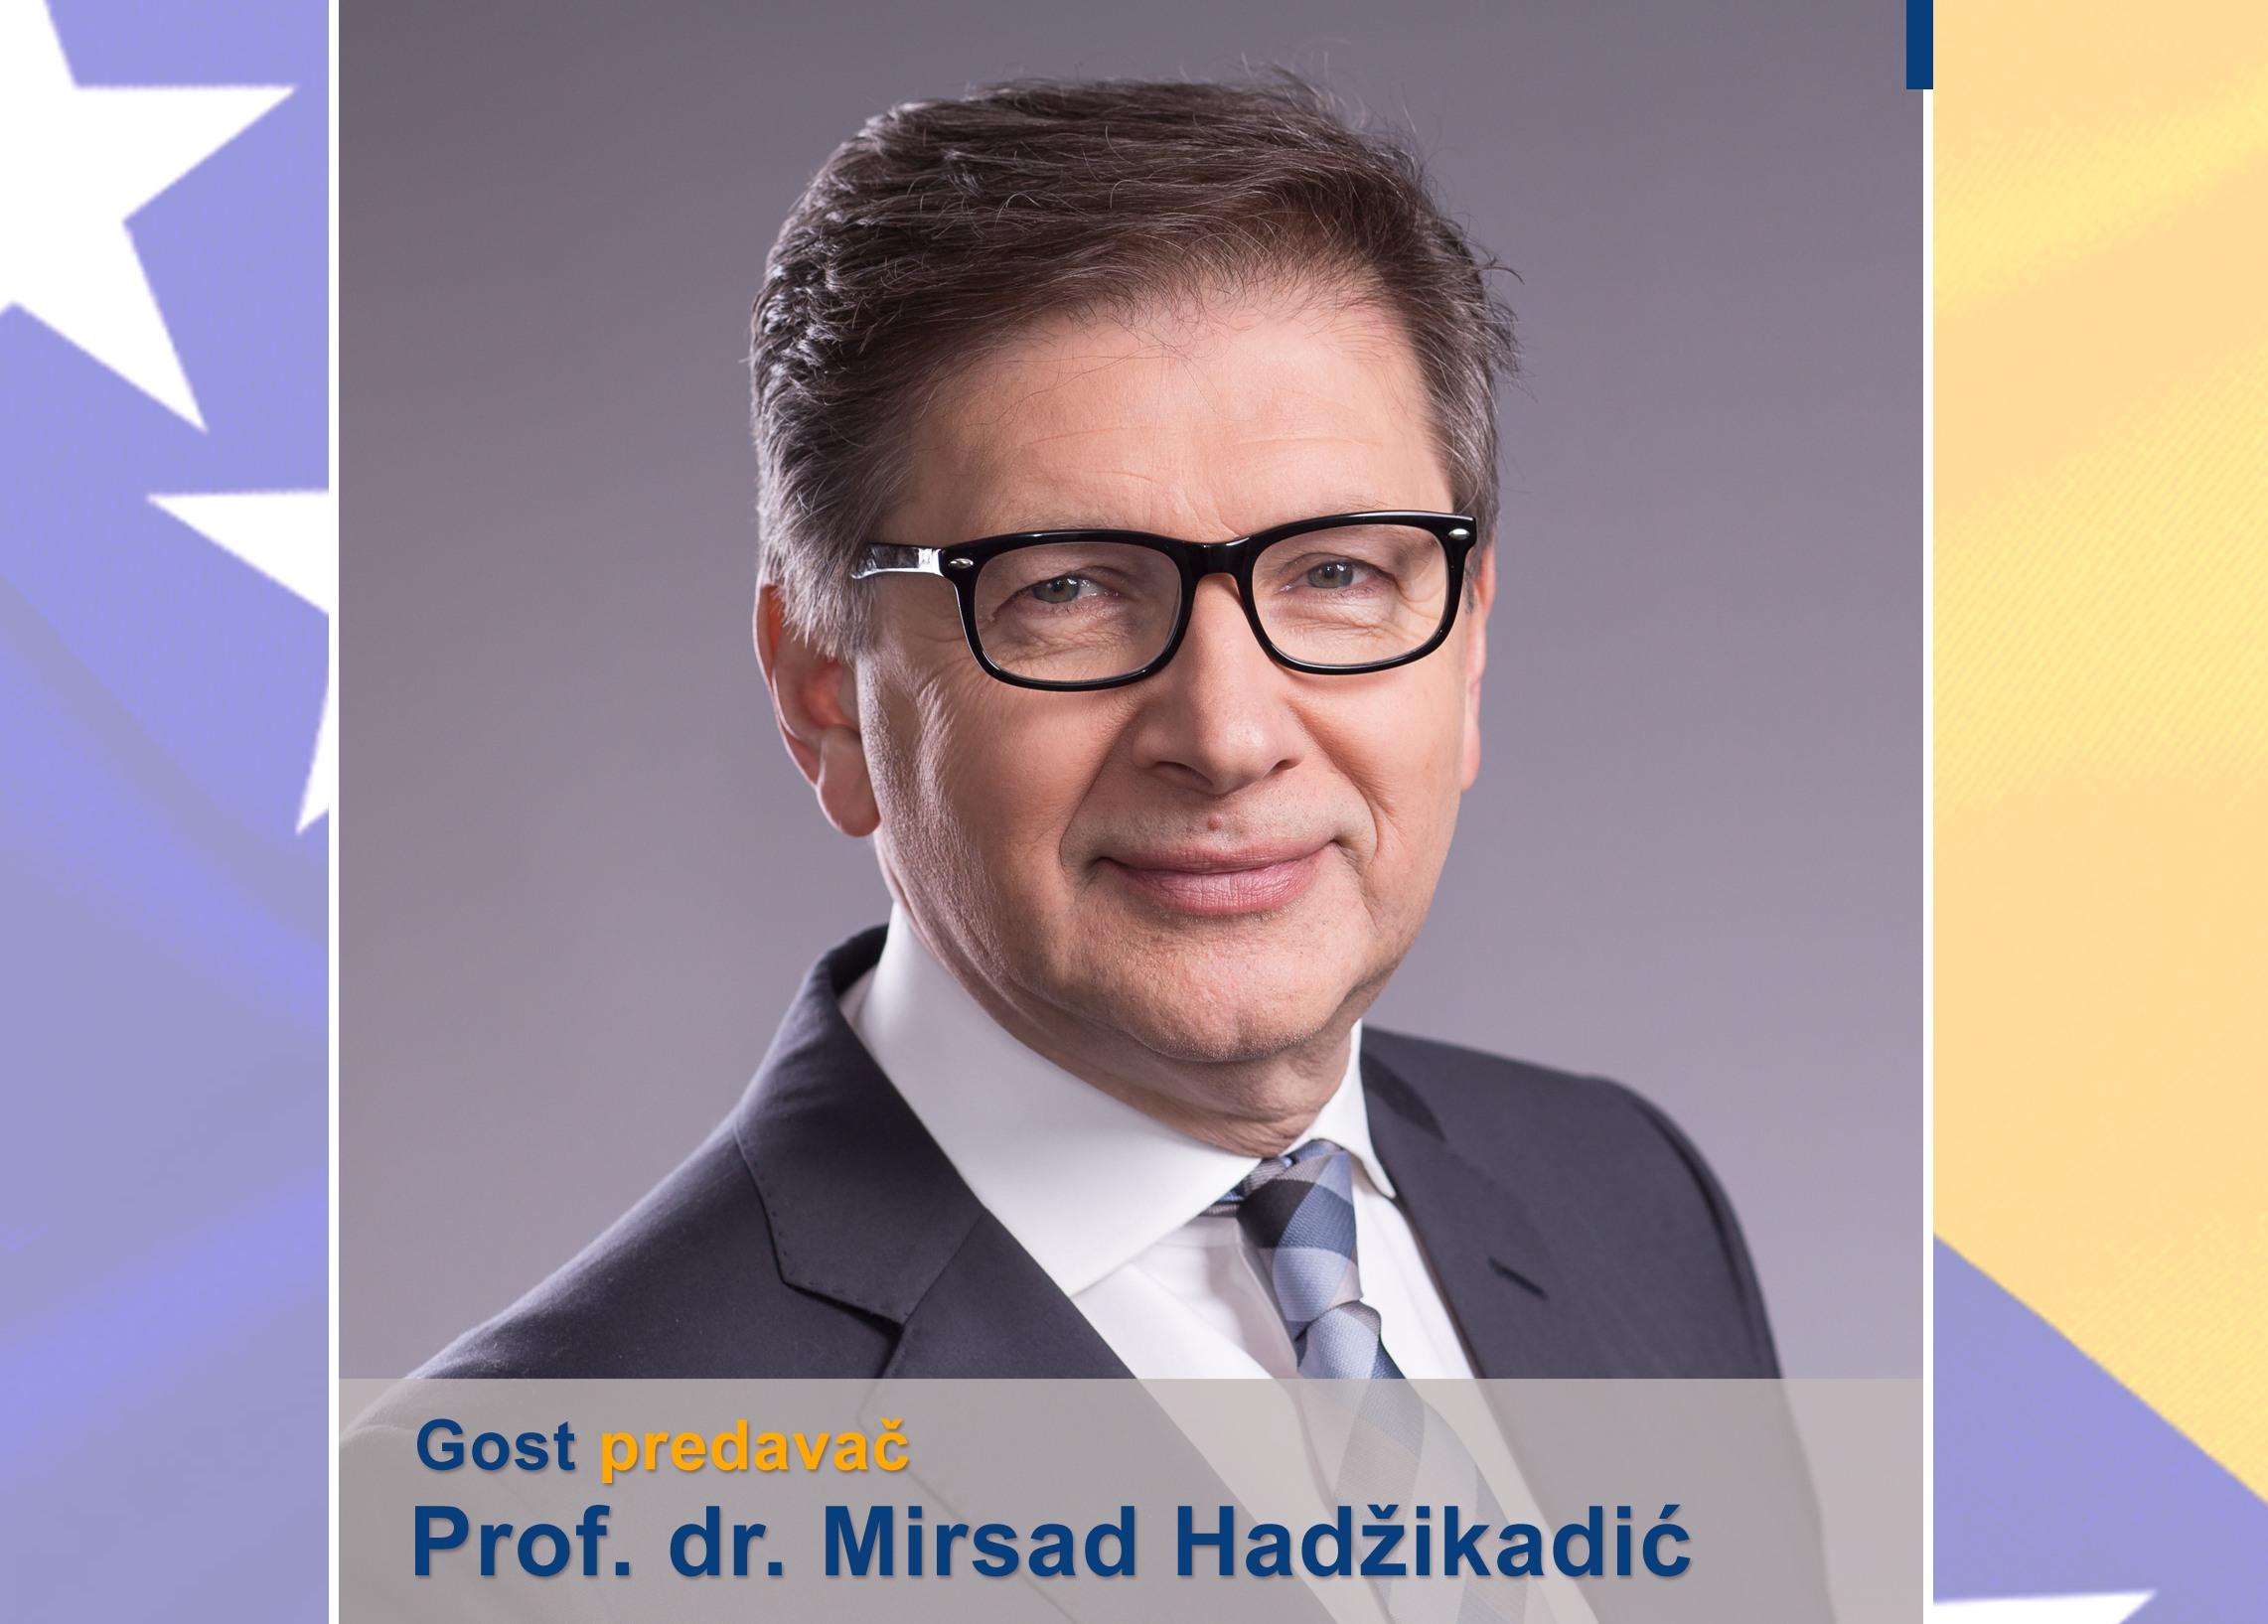 Mirsad Hadzikadic plakat rev for web